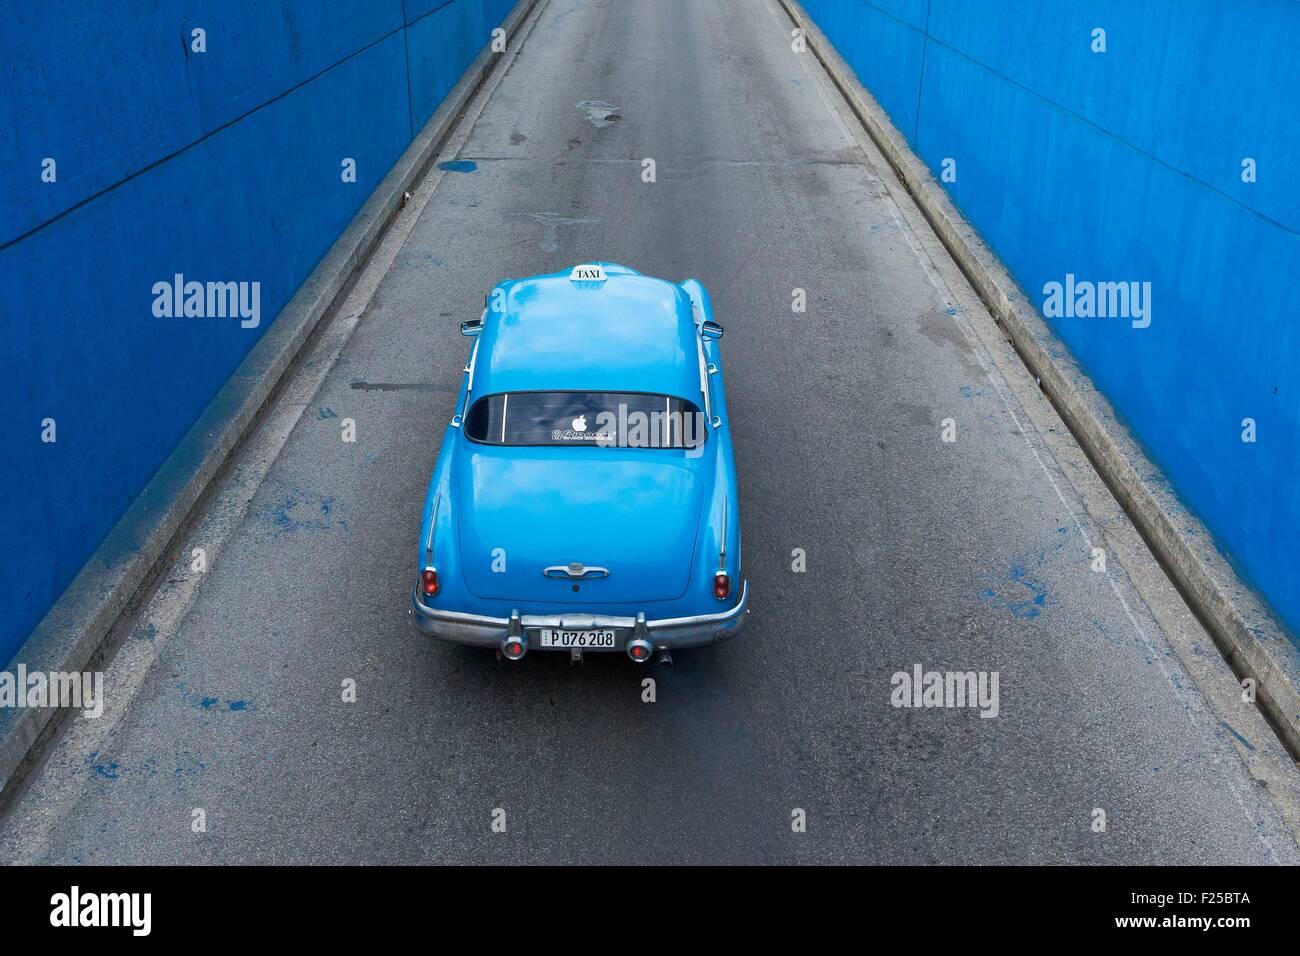 Cuba, Ciudad de la provincia de La Habana, La Habana, coches americanos Imagen De Stock